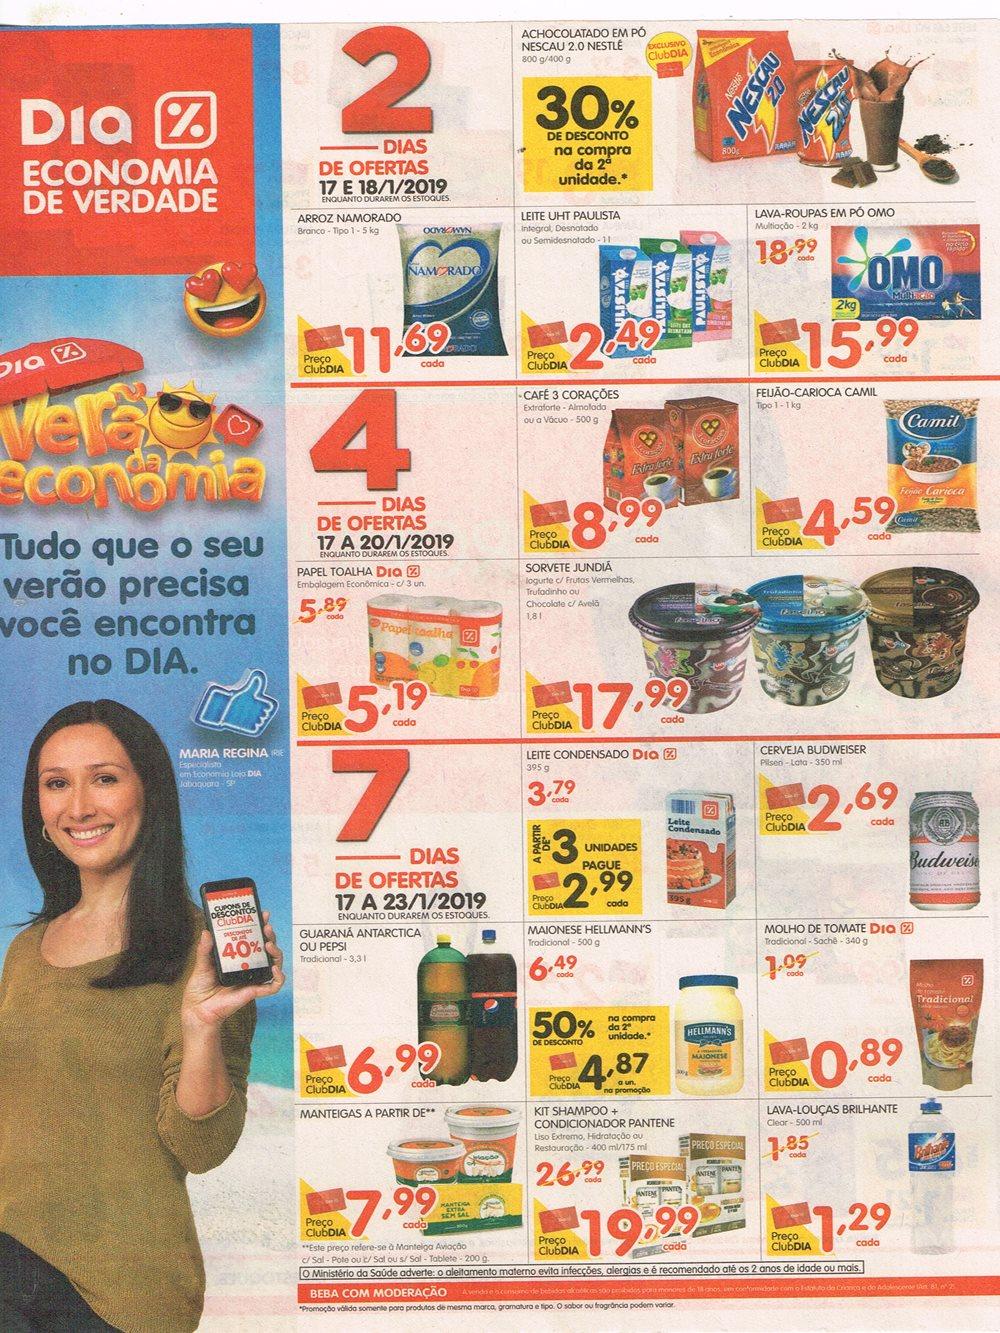 dia-supermercado_0001-1 Ofertas de Supermercados - Economize!